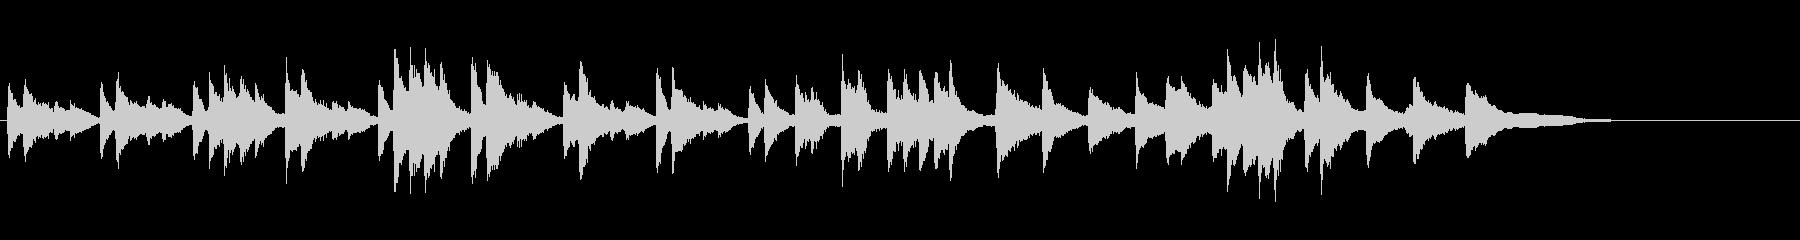 ロンドー(シャミナード作曲)の未再生の波形